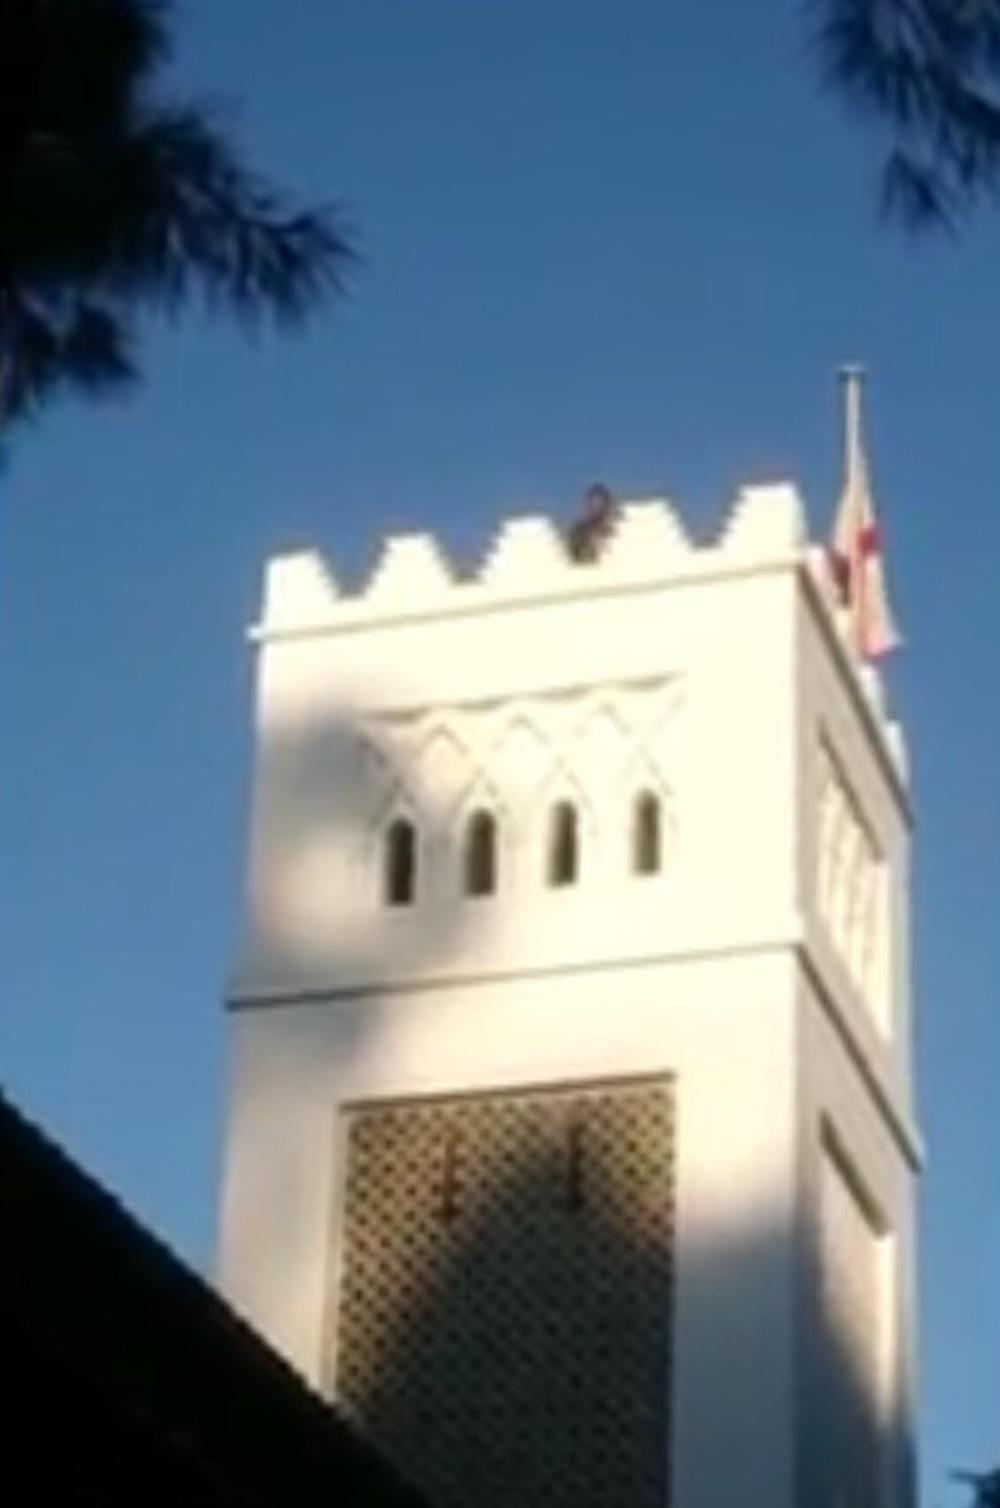 صورة للمغربي يوسف يهدد بالانتحار من فوق كنيسة